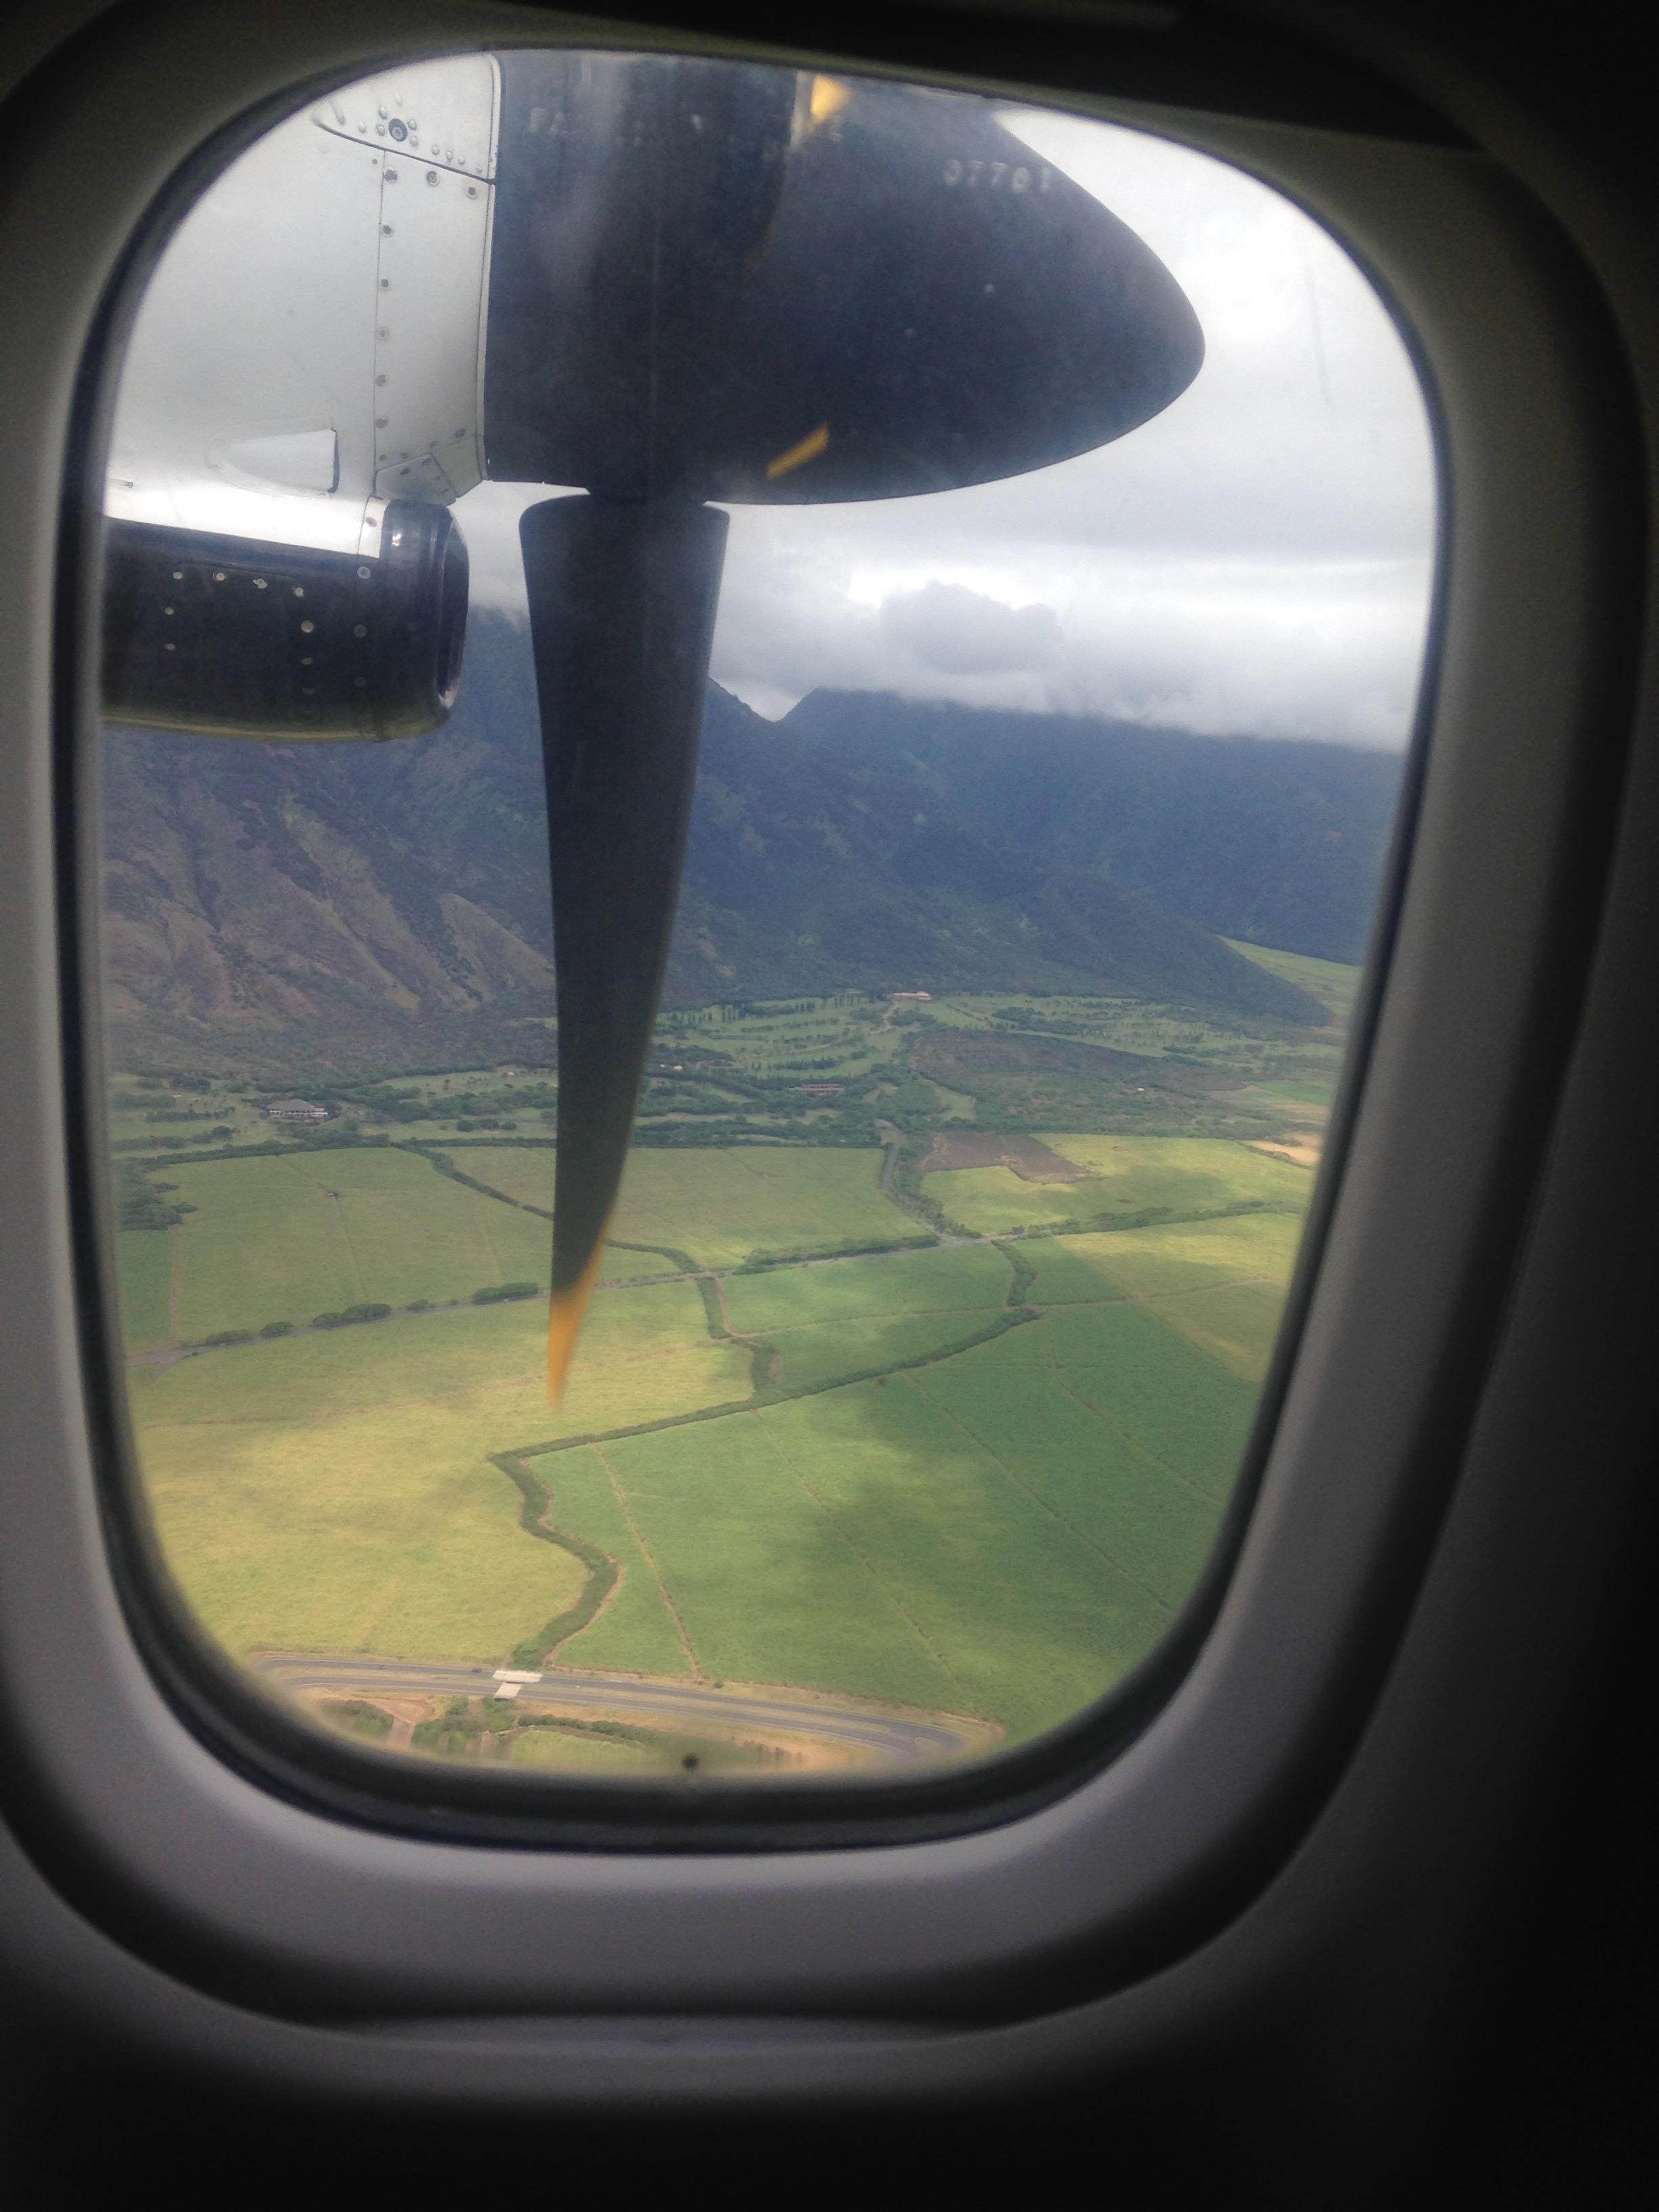 Maui overlook